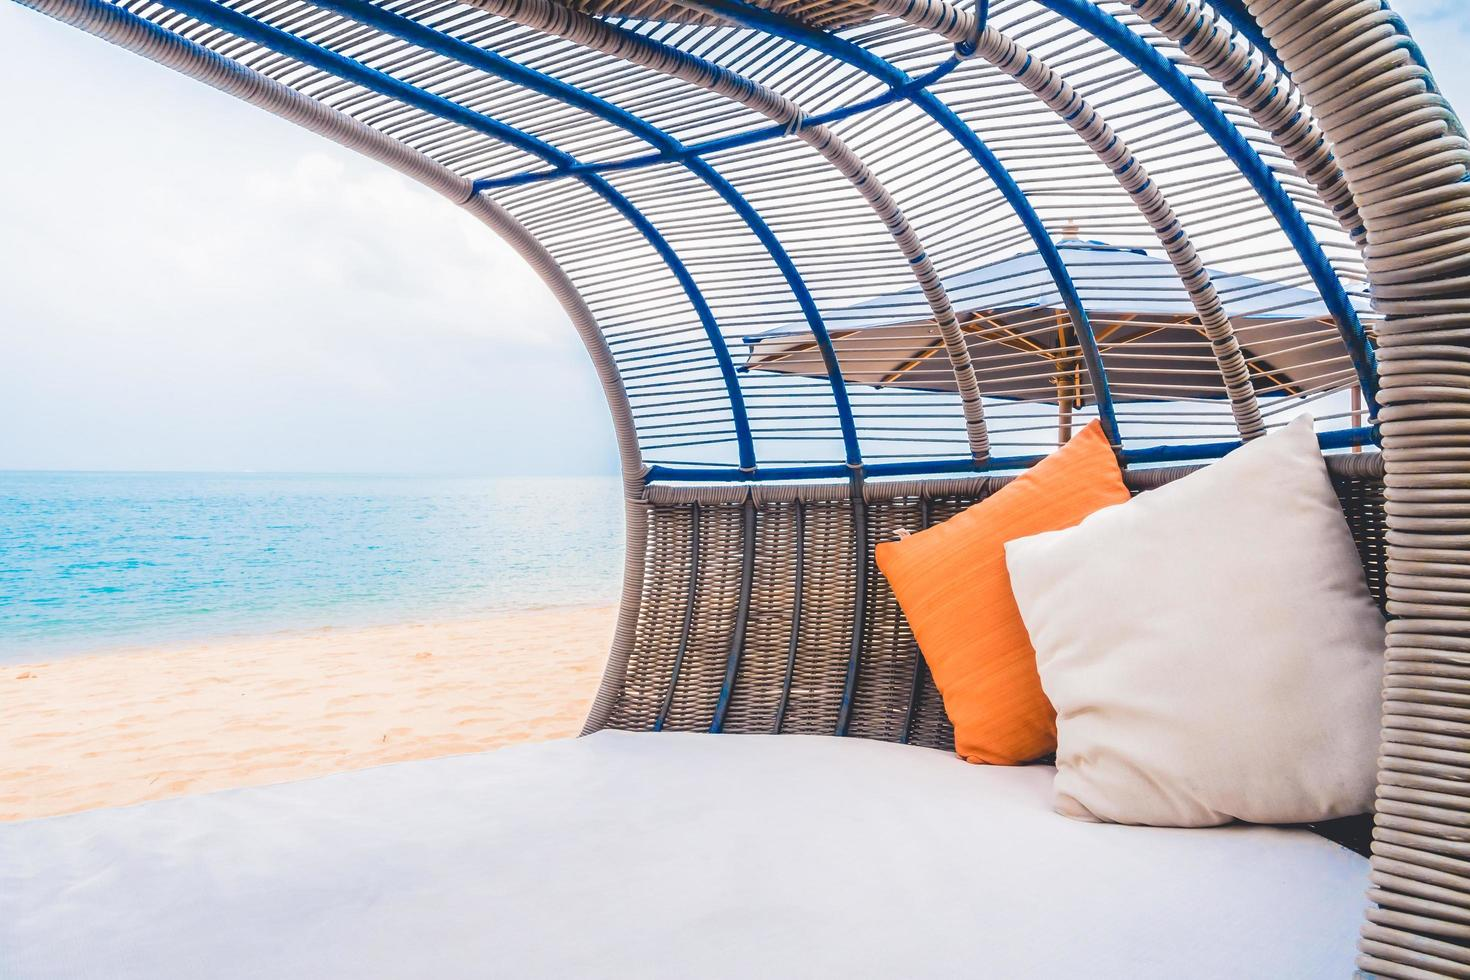 Deck de lujo con almohada en la playa y el mar. foto